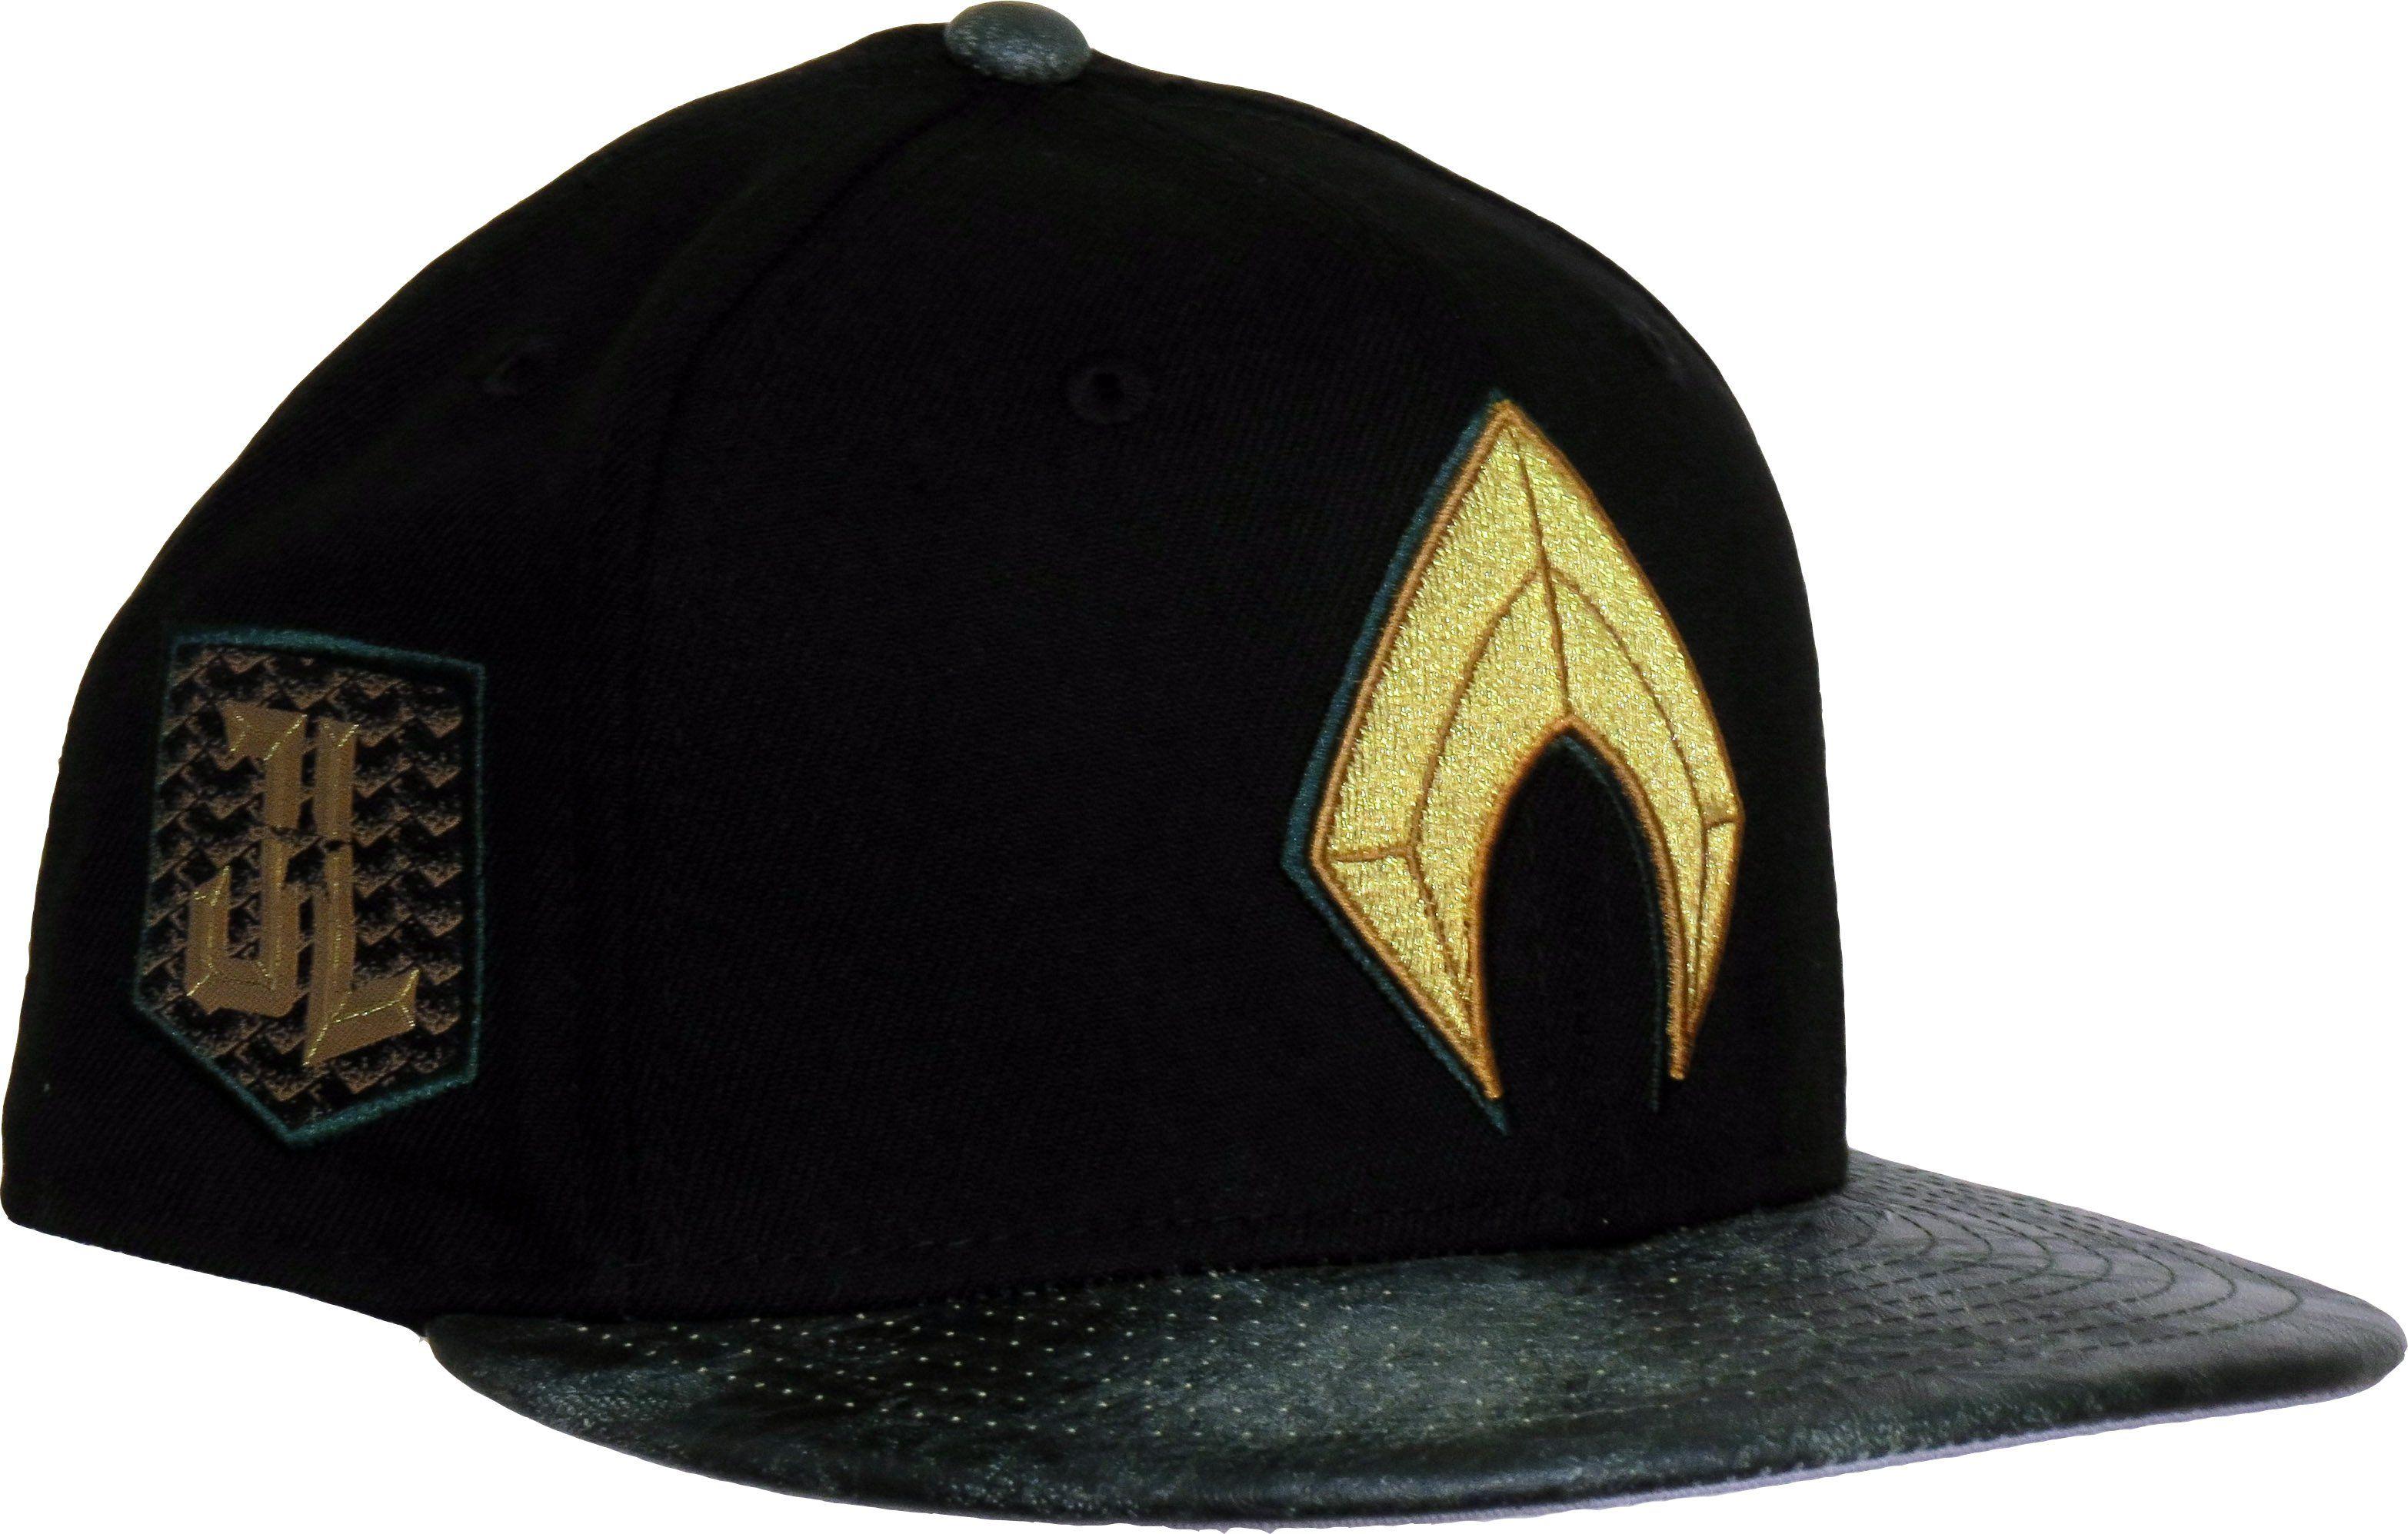 New Era 950 Justice League Snapback Cap Black fd4b91a2eb00